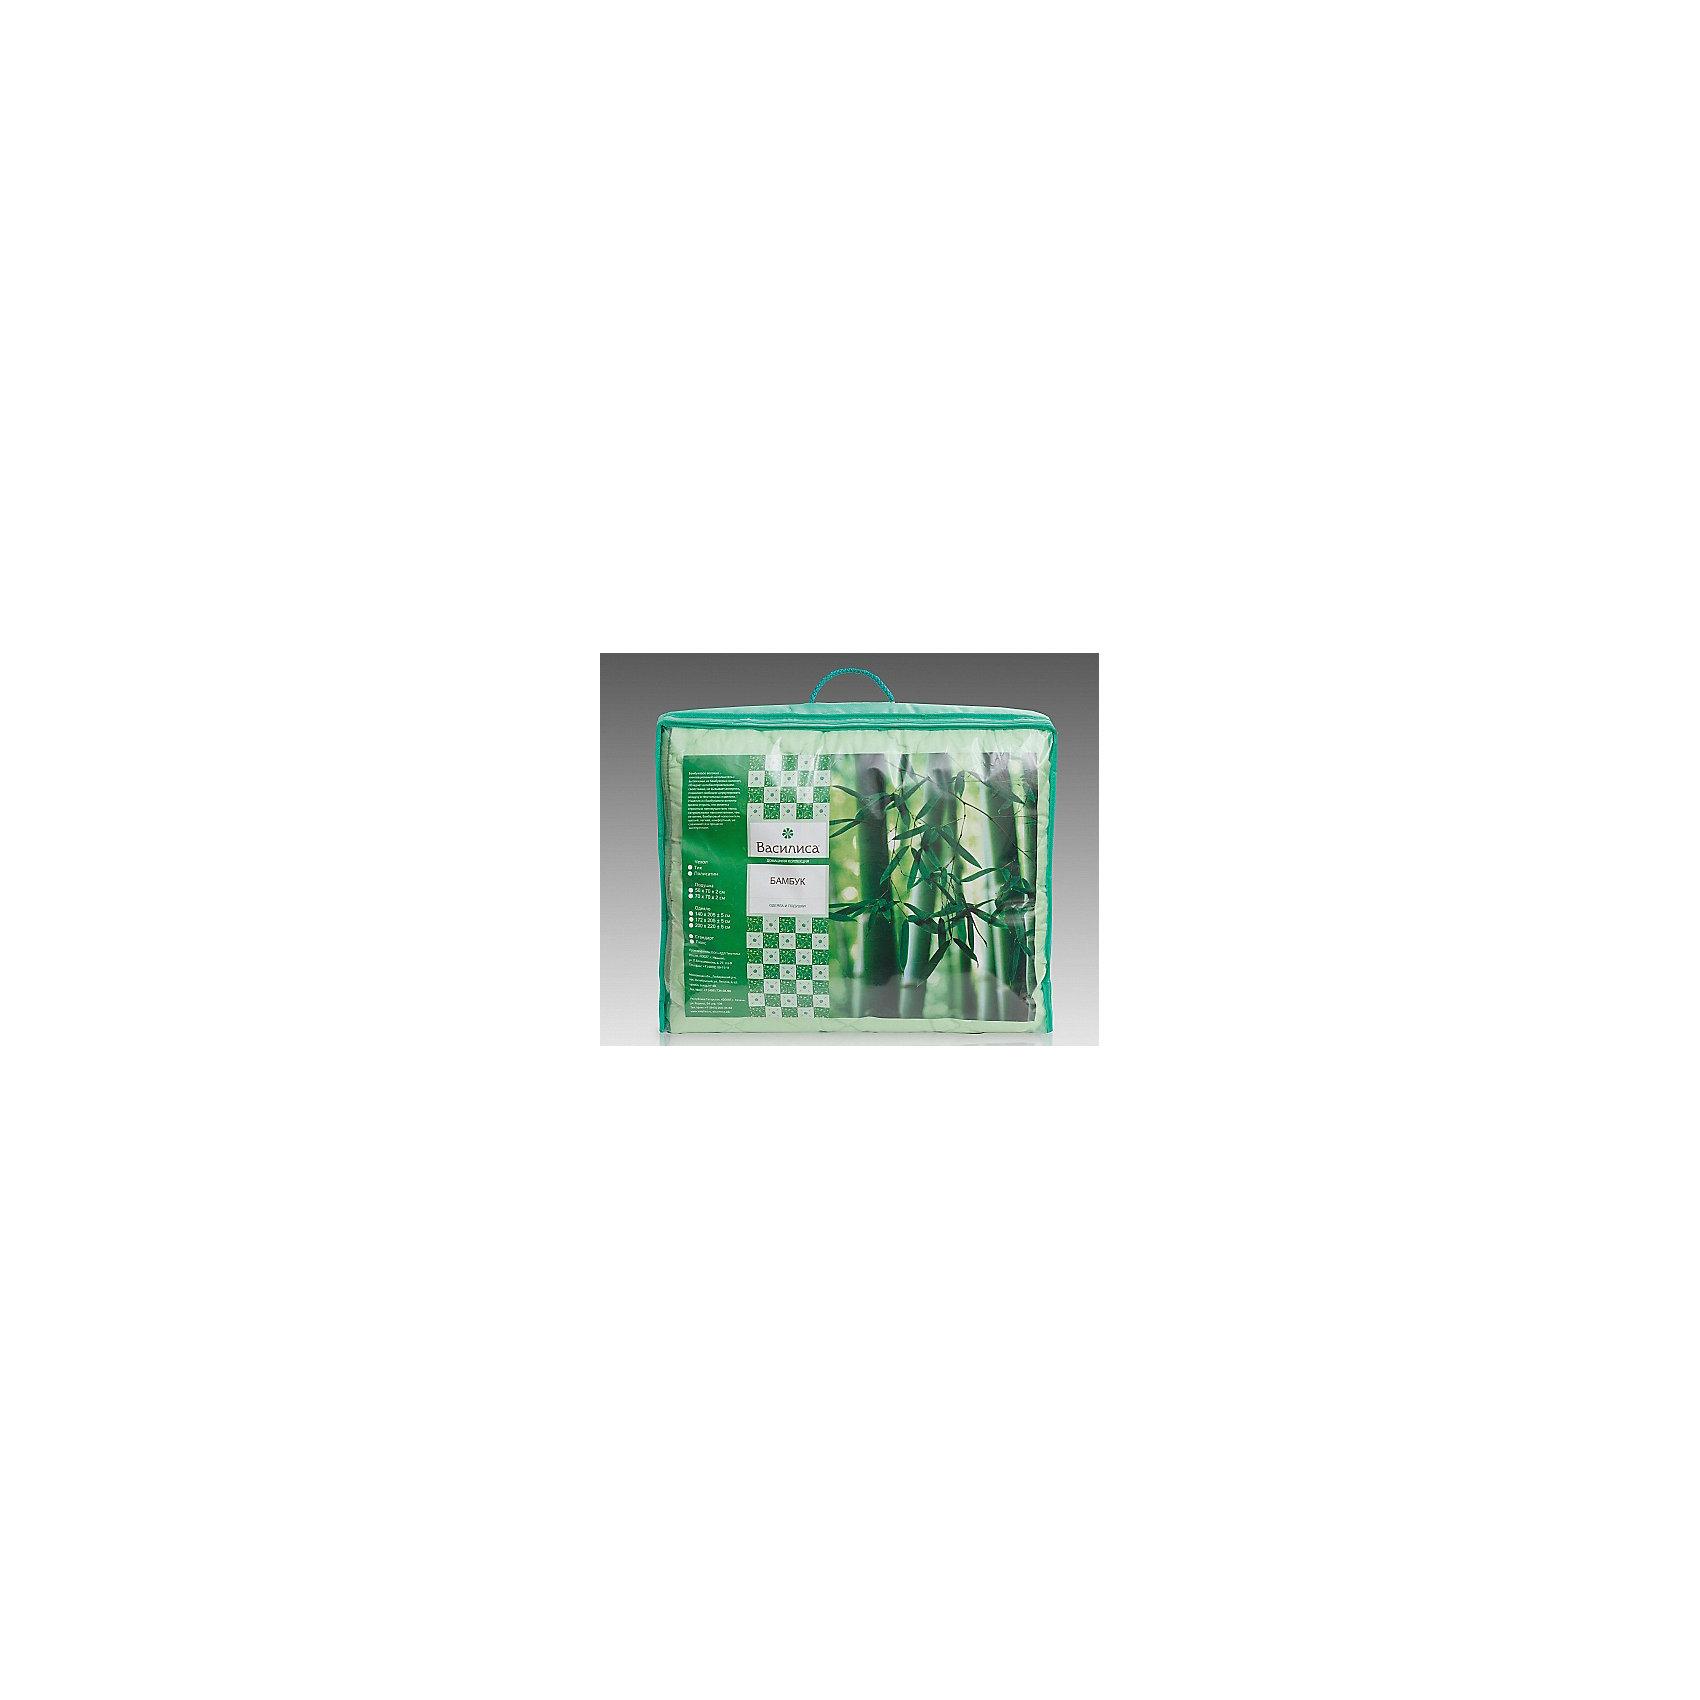 Одеяло Бамбук 140*205 см, ВасилисаДомашний текстиль<br>Одеяло Бамбук 140*205 см, Василиса – это лучшим выбором для комфортного и здорового сна и отдыха.<br>Одеяло Бамбук обладает естественными антибактериальными свойствами, успокаивает и восстанавливает во время сна, не вызывает аллергии. Бамбуковое волокно - натуральный растительный наполнитель, обеспечивающий комфорт и здоровый сон. Уникальная пористая структура волокна позволяет свободно дышать - создает эффект свежести во время сна. Изделия из бамбукового волокна можно стирать, что является огромным преимуществом перед натуральными наполнителями. Этот наполнитель мягкий, лёгкий, комфортный, не слёживается в процессе эксплуатации. Чехол одеяла выполненный из полисатина прочный и плотный.<br><br>Дополнительная информация:<br><br>- Материал чехла: полисатин<br>- Цвет: зеленый<br>- Наполнитель: бамбуковое волокно<br>- Размер одеяла: 140 х 205 см.<br>- Размер упаковки: 70 х 70 х 30 см.<br>- Вес: 1,9 кг.<br><br>Одеяло Бамбук 140*205 см, Василиса можно купить в нашем интернет-магазине.<br><br>Ширина мм: 700<br>Глубина мм: 700<br>Высота мм: 300<br>Вес г: 1900<br>Возраст от месяцев: 36<br>Возраст до месяцев: 216<br>Пол: Унисекс<br>Возраст: Детский<br>SKU: 4143475